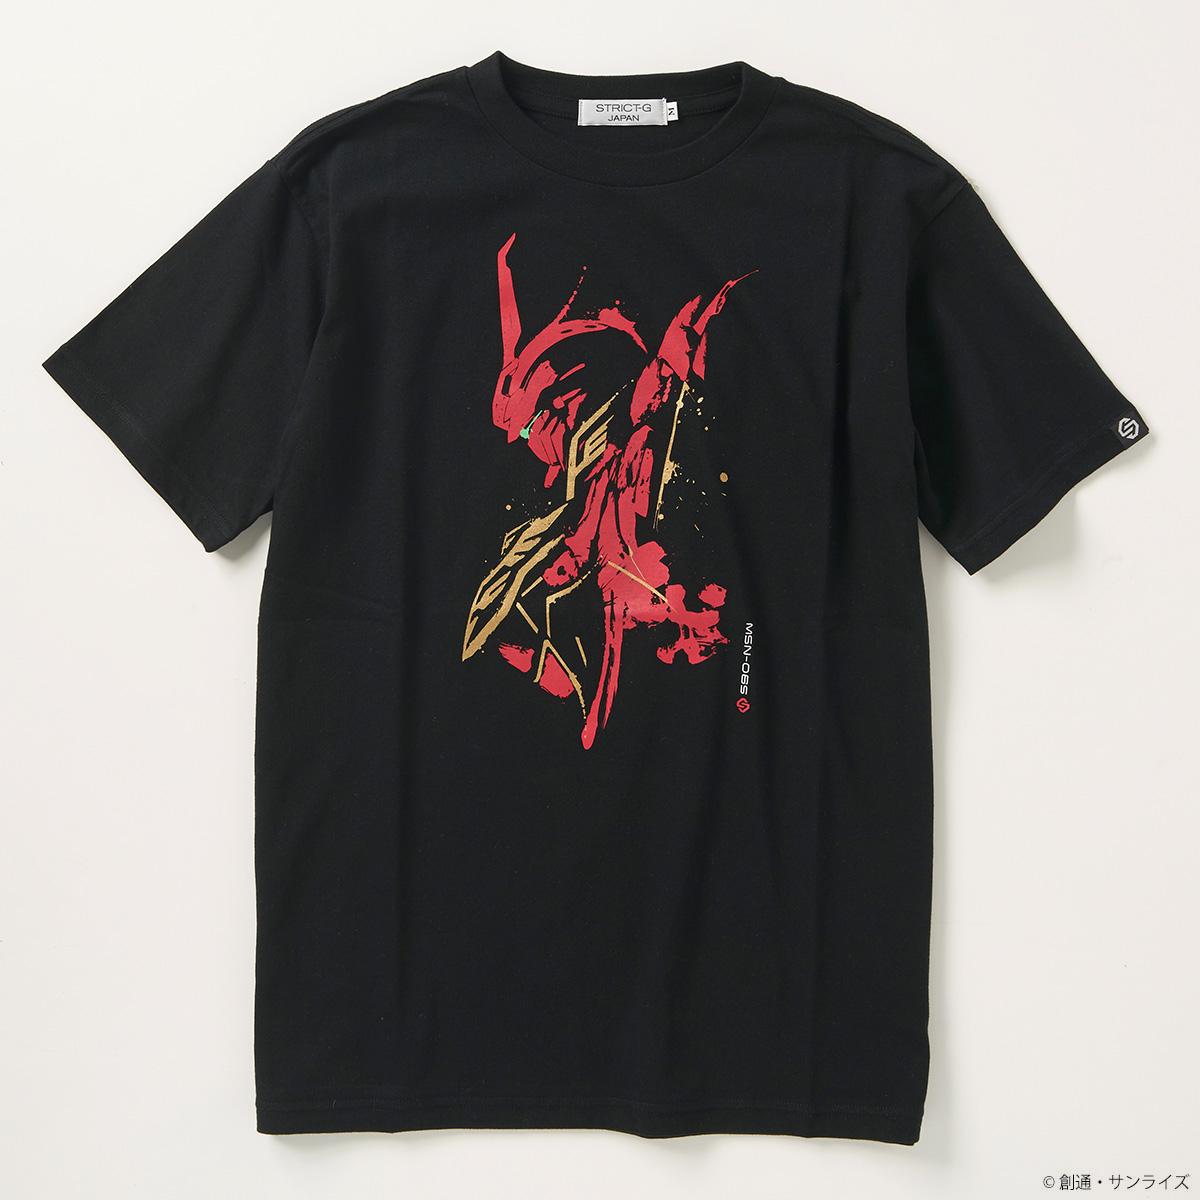 STRICT-G JAPAN『機動戦士ガンダムUC』筆絵Tシャツ シナンジュ柄